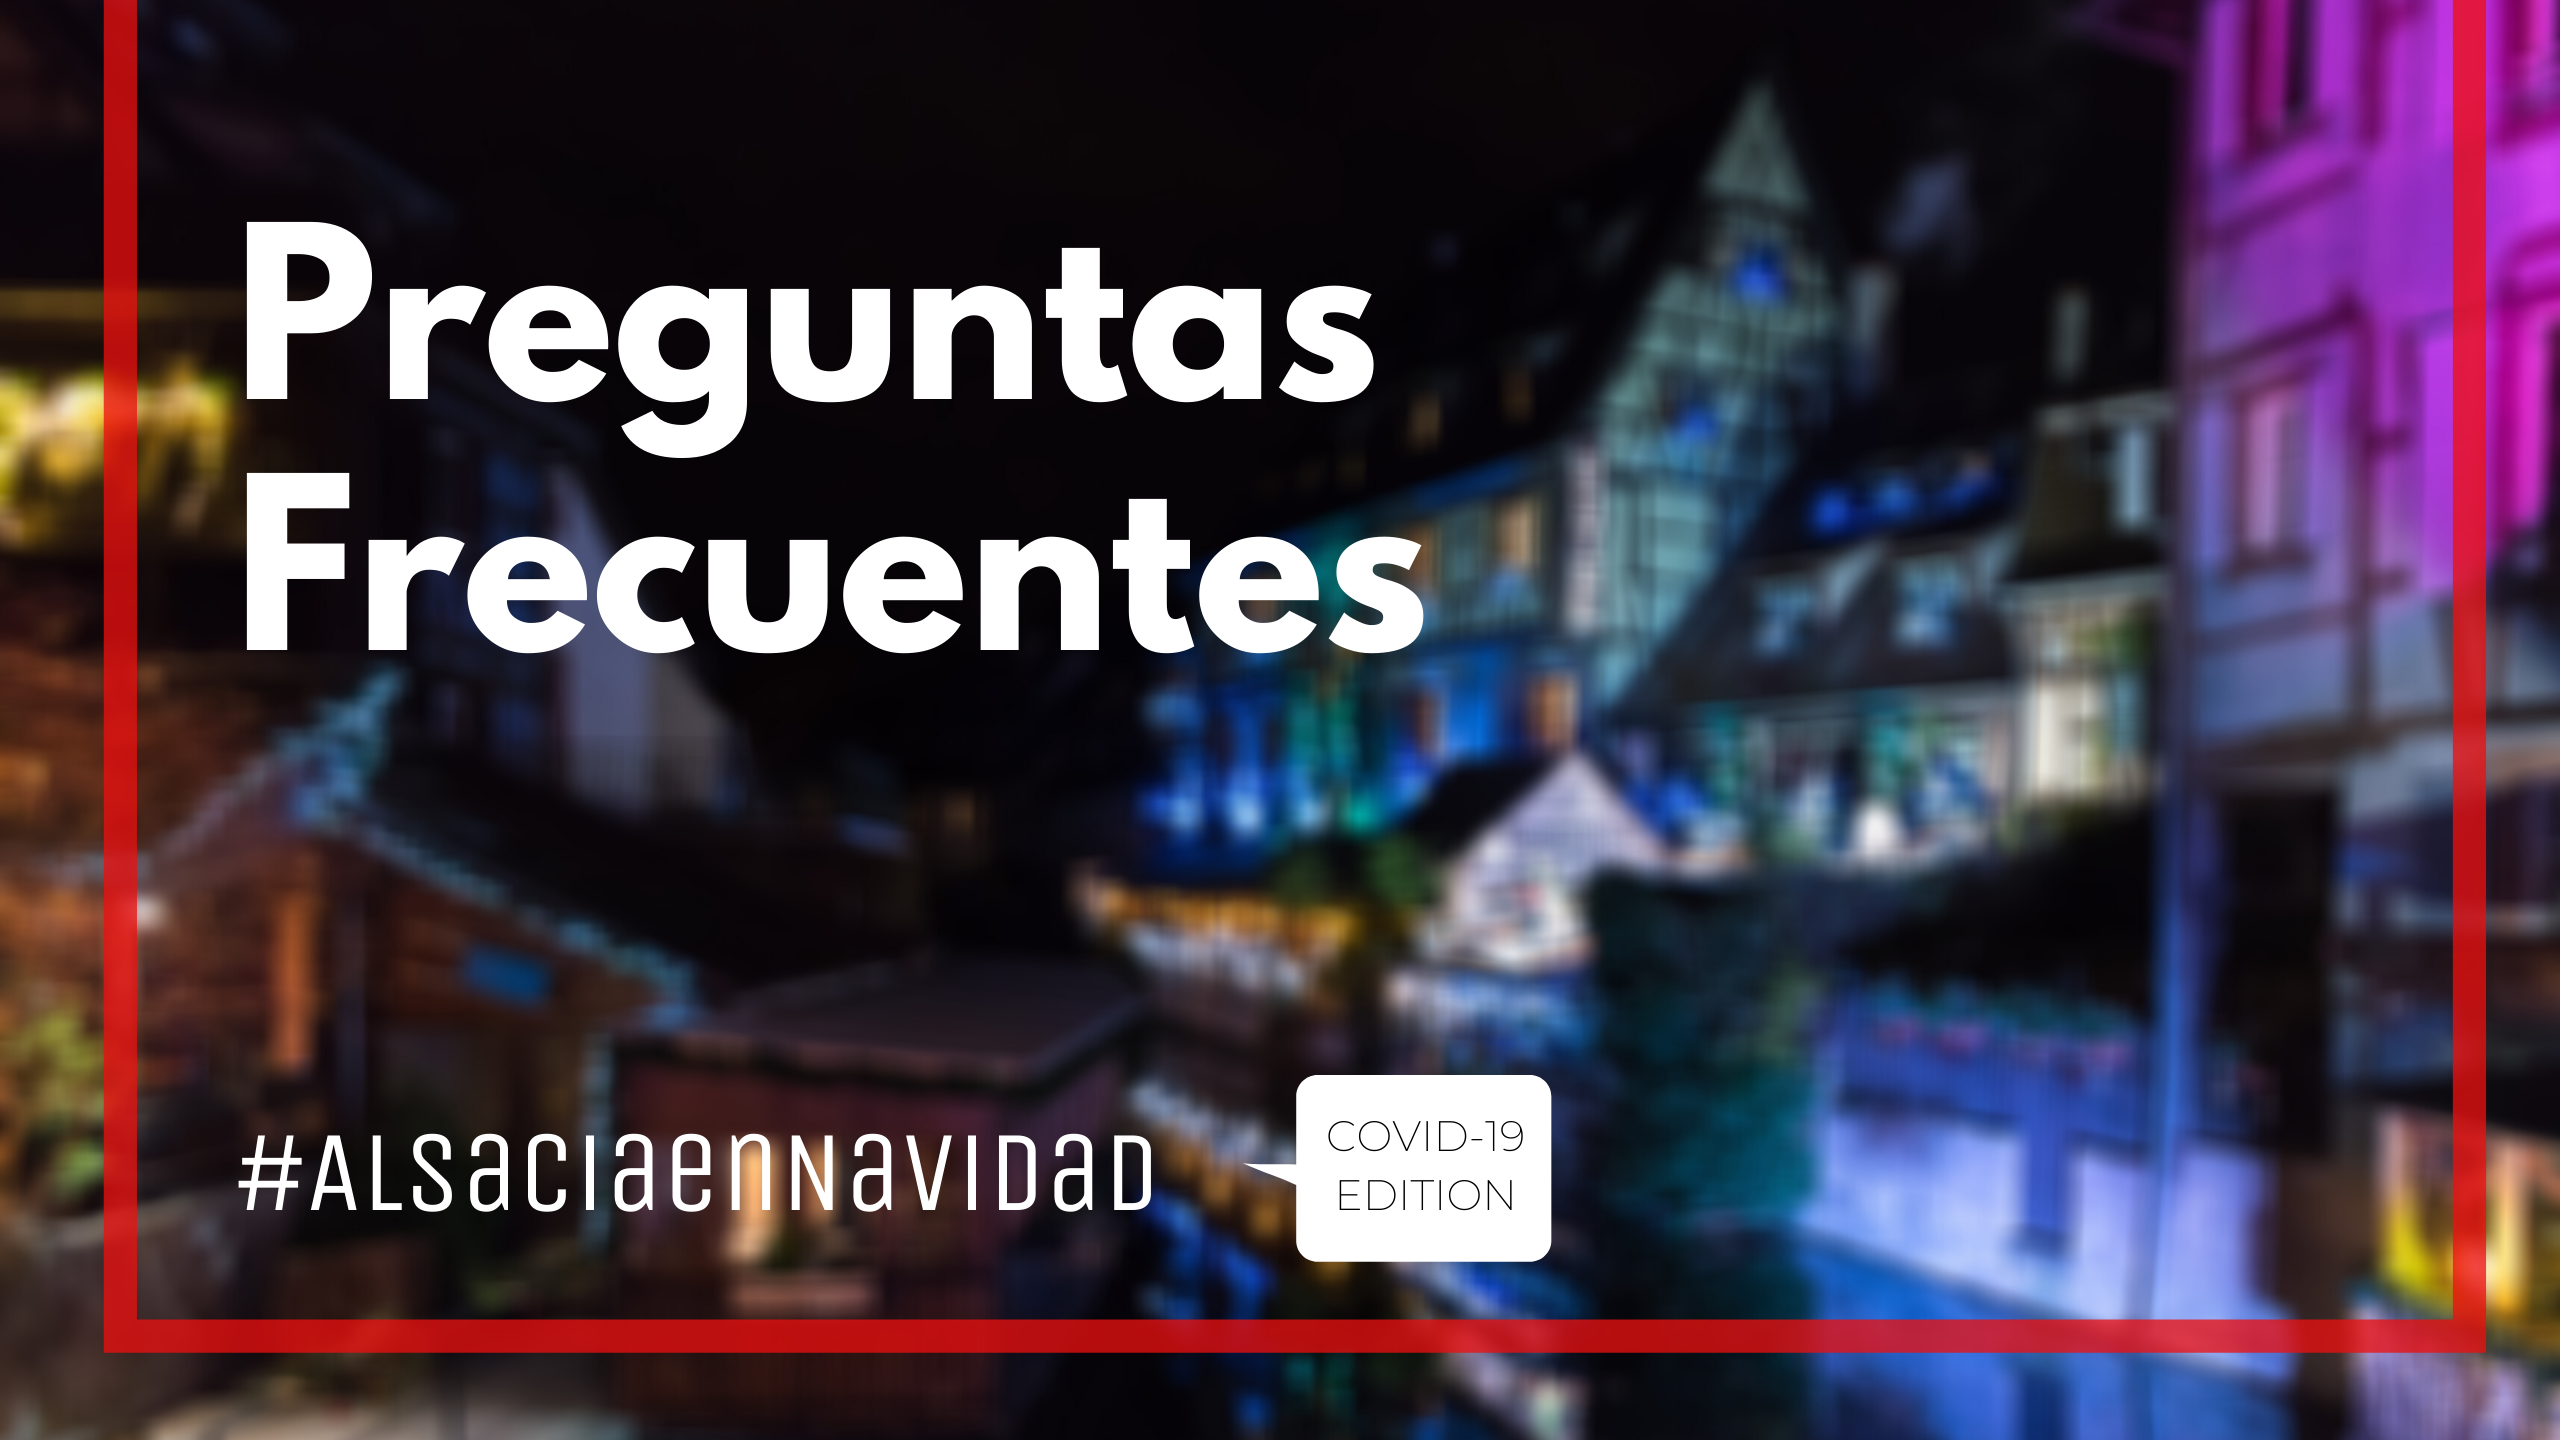 Preguntas frecuentes #AlsaciaenNavidad